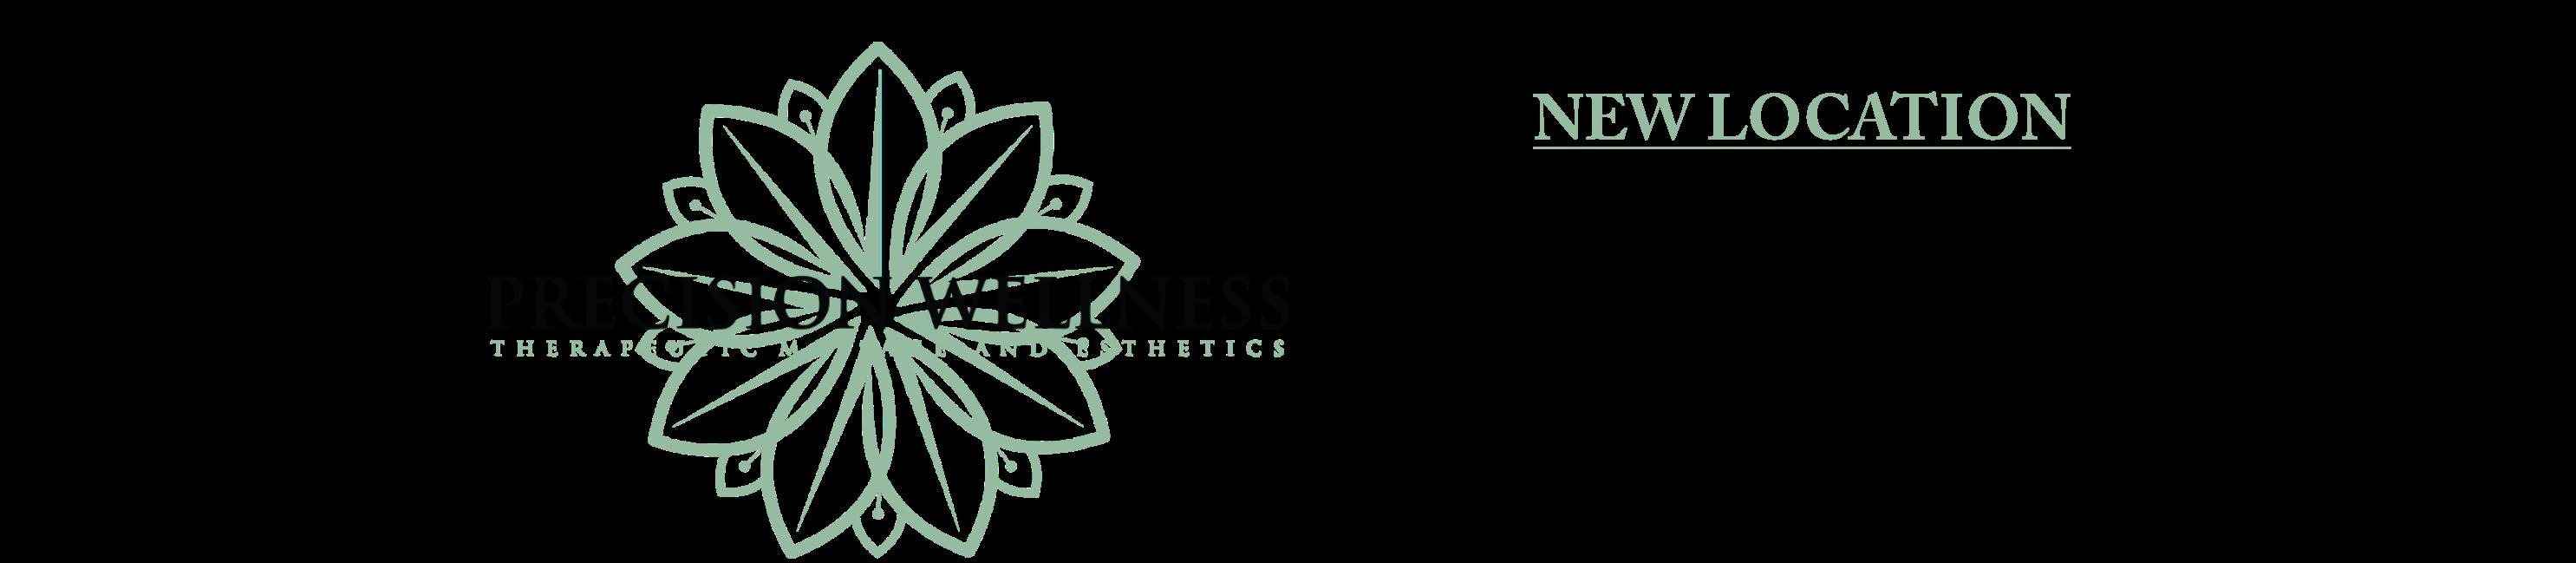 Precision Wellness Therapeutic Massage